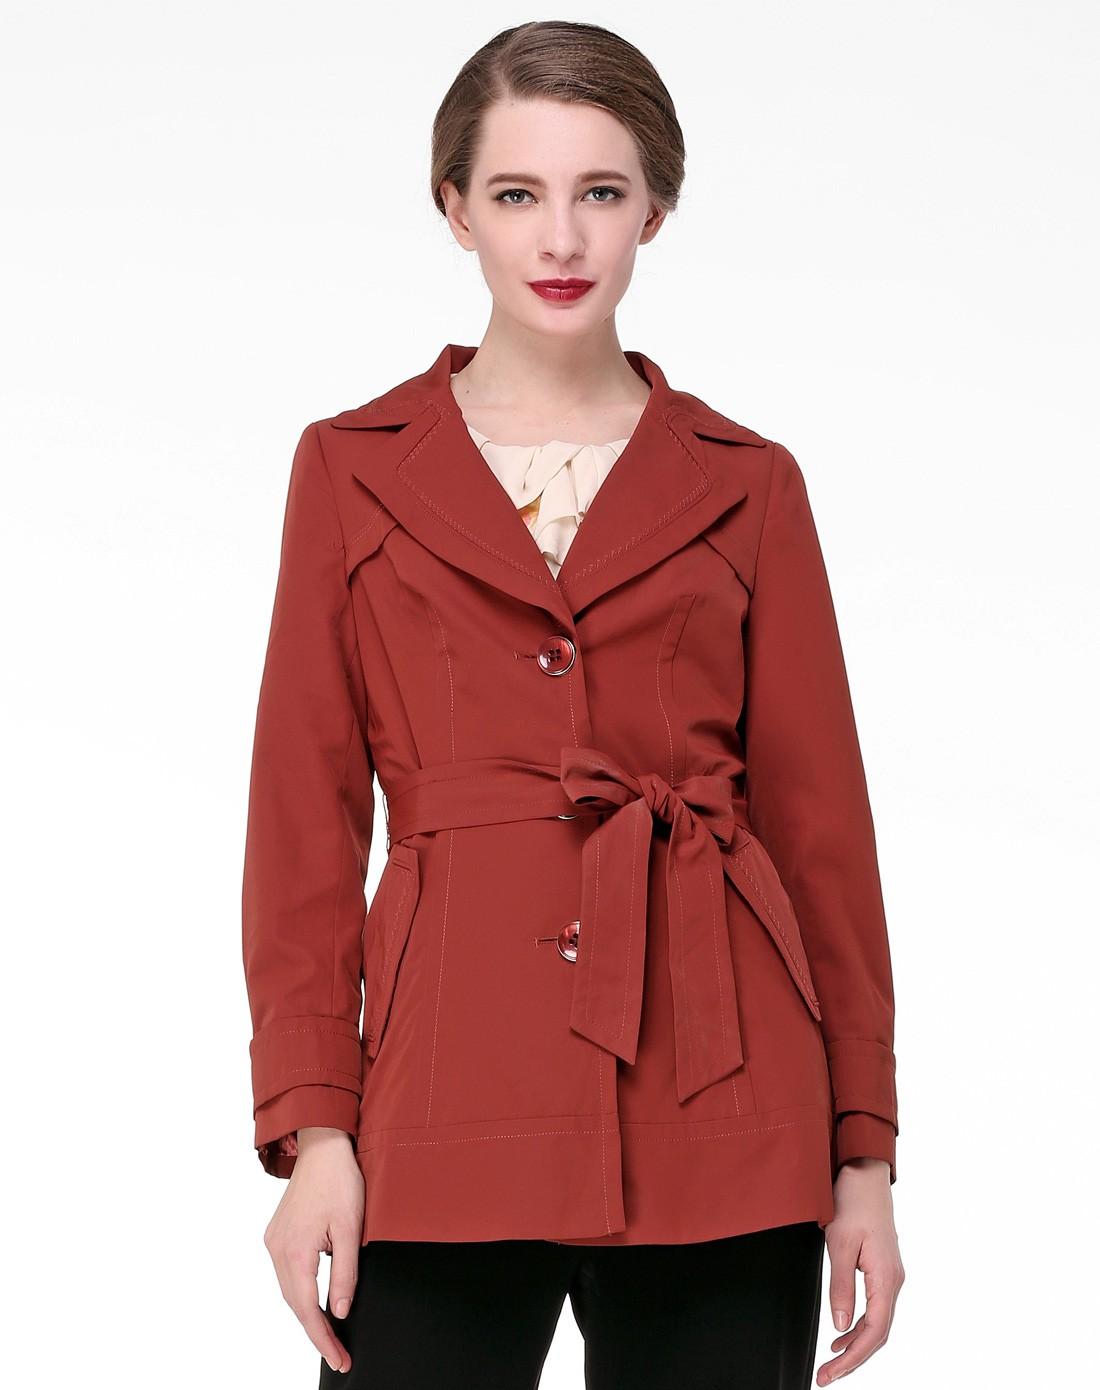 锈红色女士优雅风衣上衣